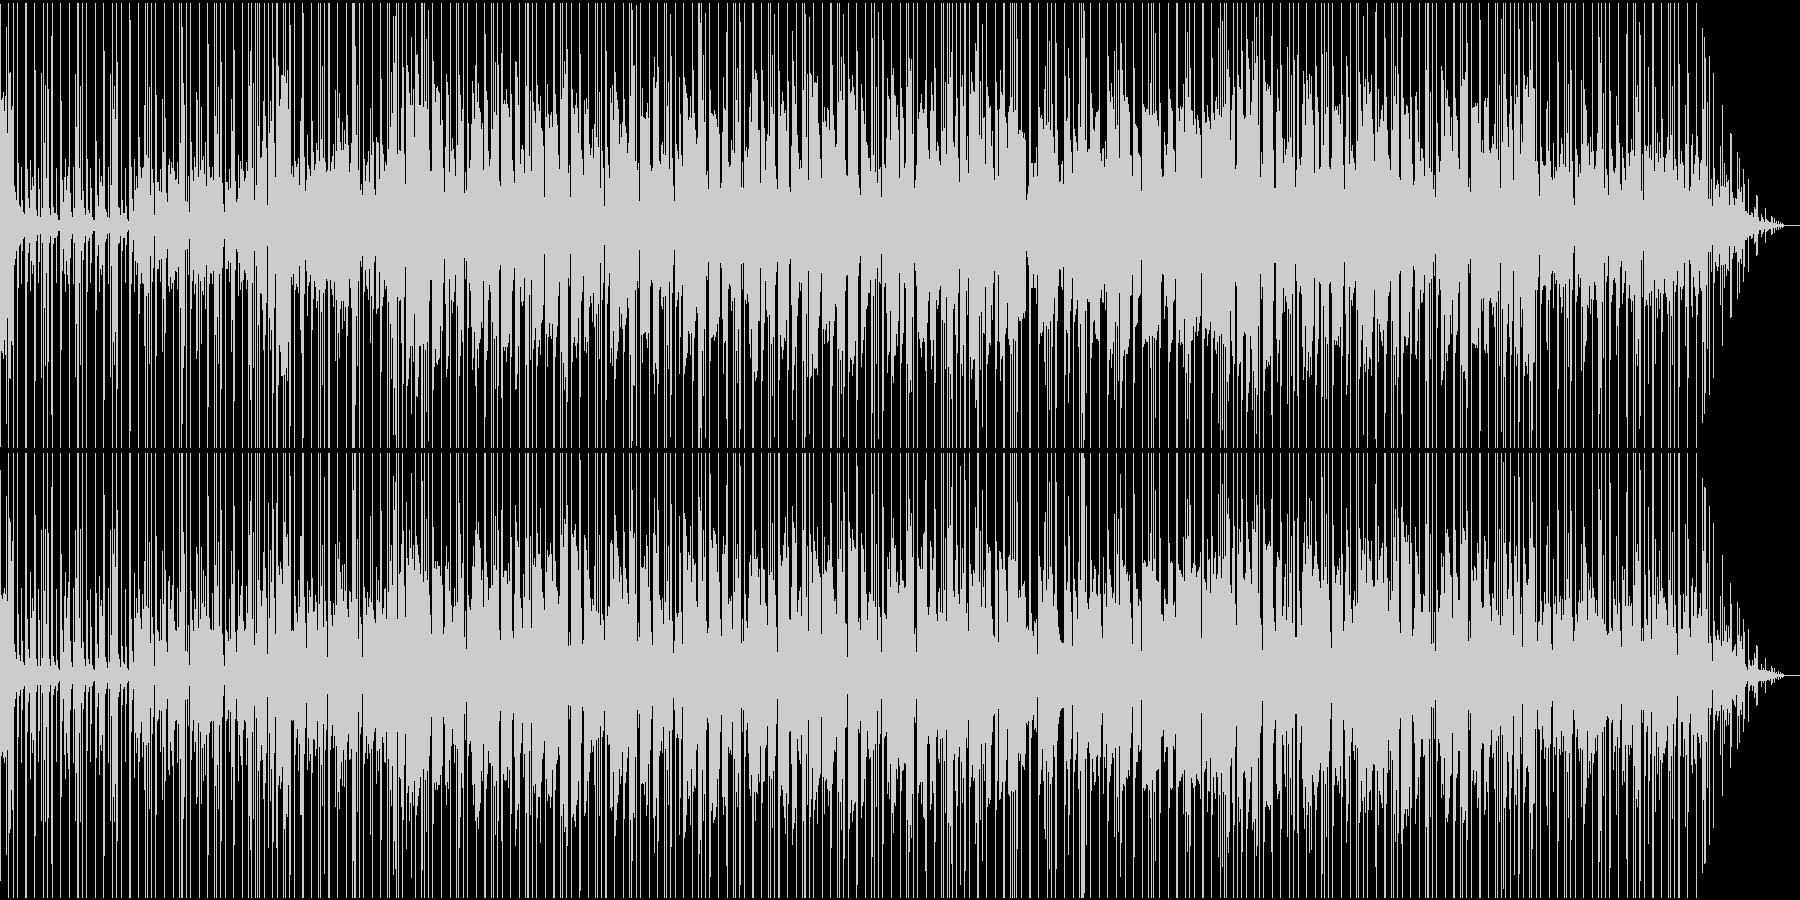 サックス入りファンキーなスムースジャズの未再生の波形